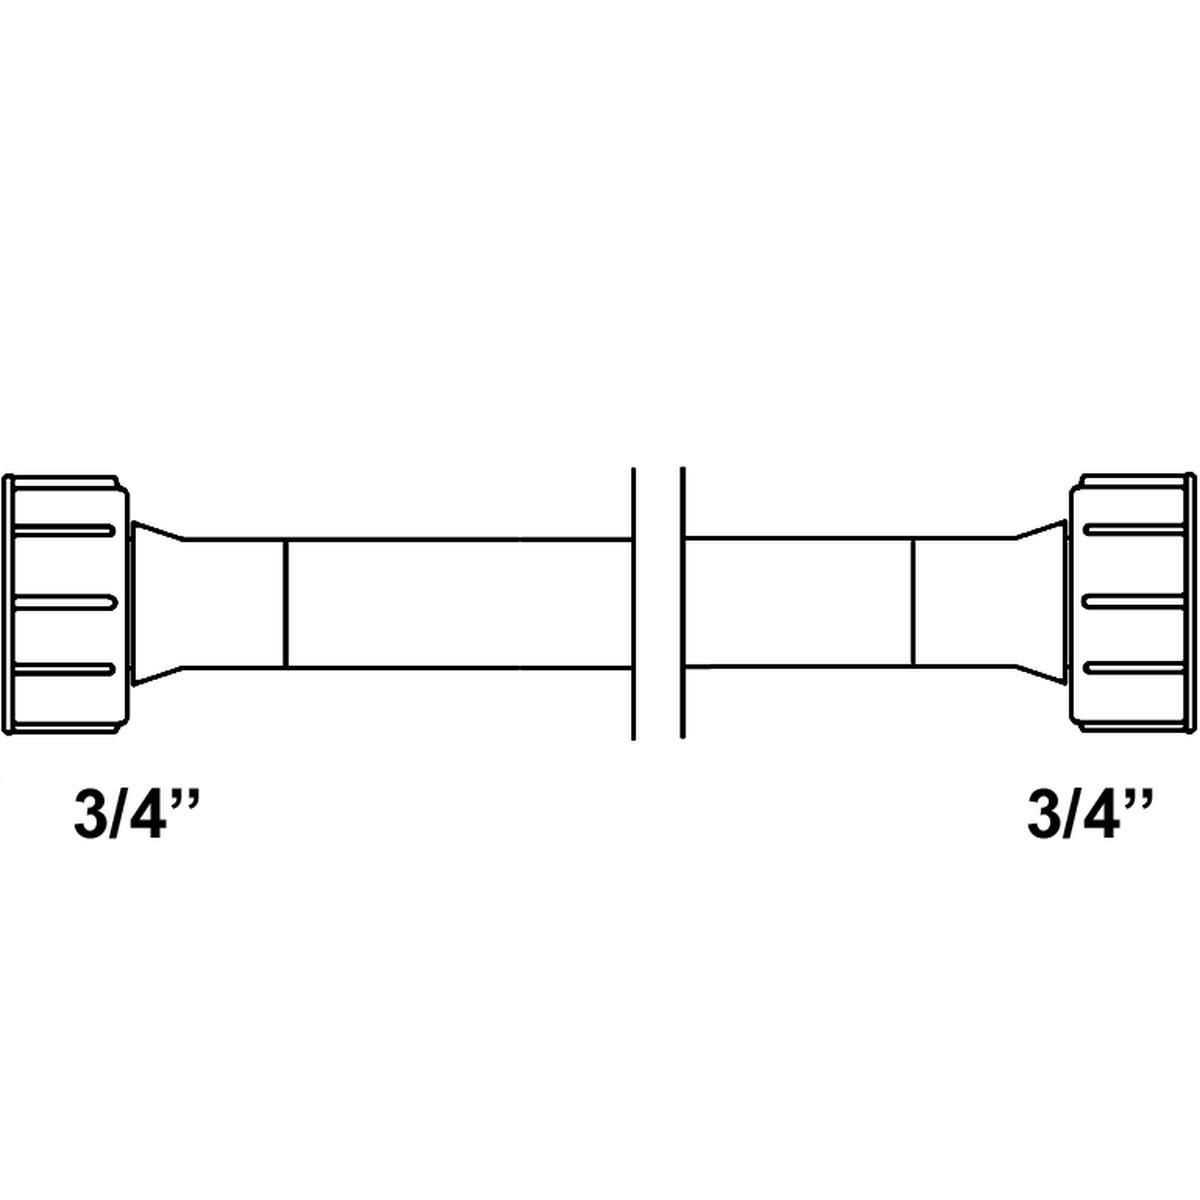 """Tilløbsslange 1,5 meter 3/4"""" lige/lige forskruning"""